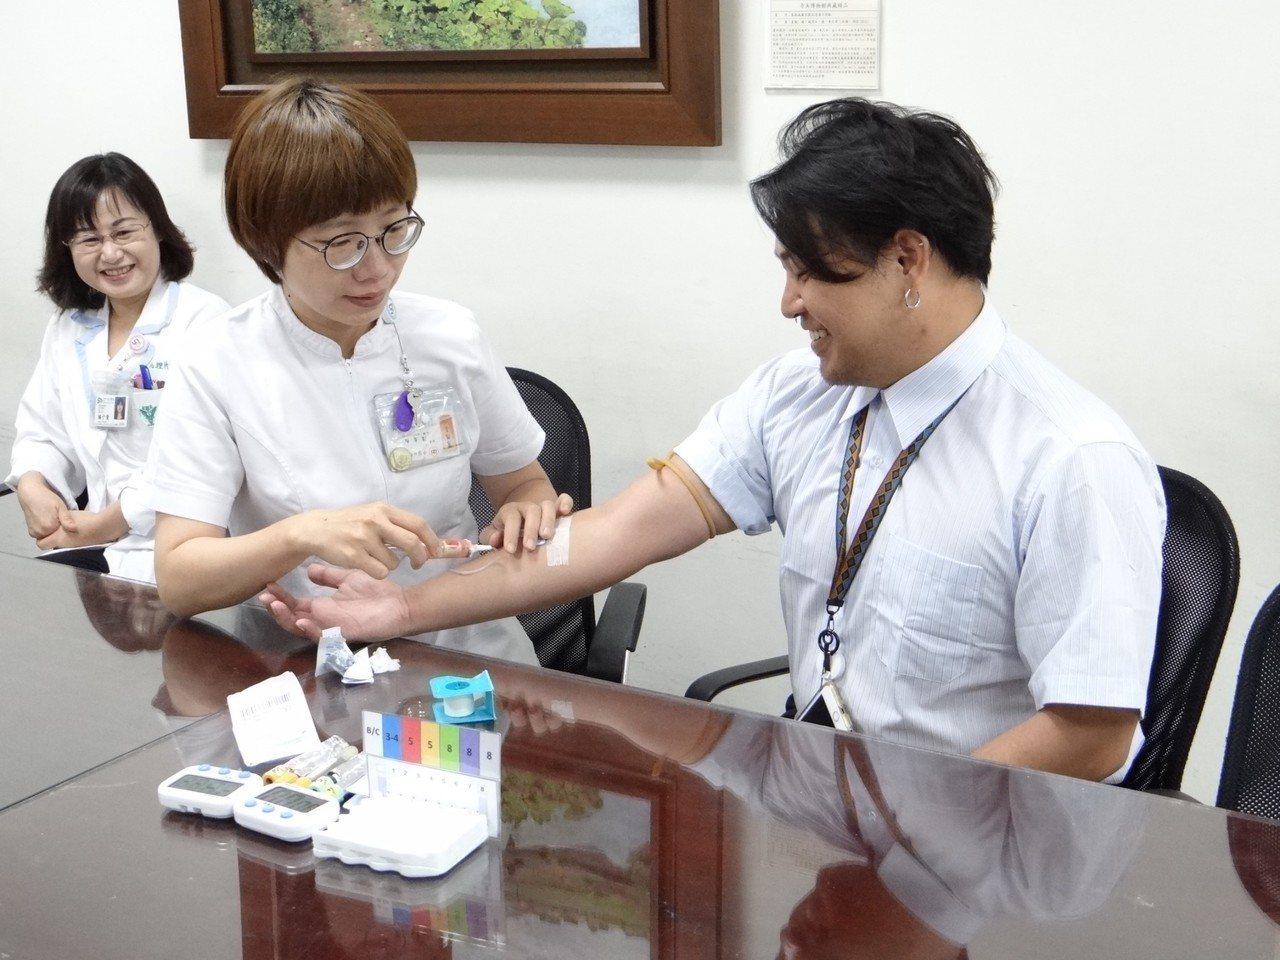 奇美標準抽血檢測流程可有效避免誤差、醫師誤判與重新檢測病患花費。記者周宗禎/攝影